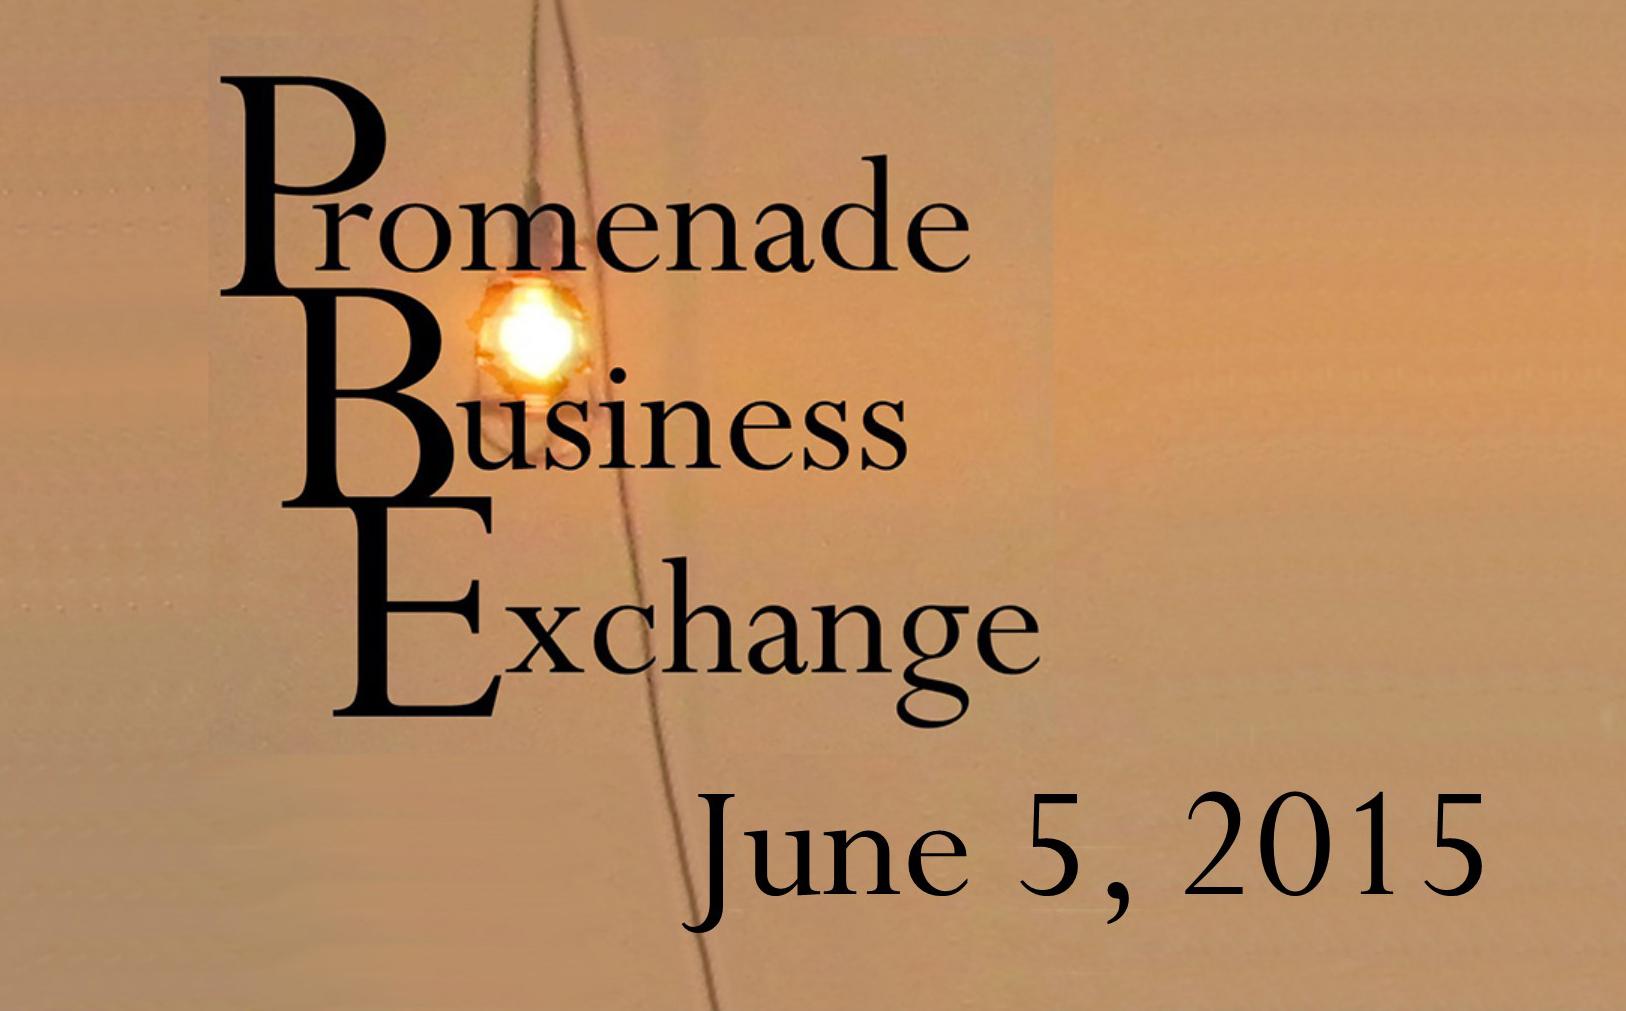 Promenade Business Exchange June 5, 2015